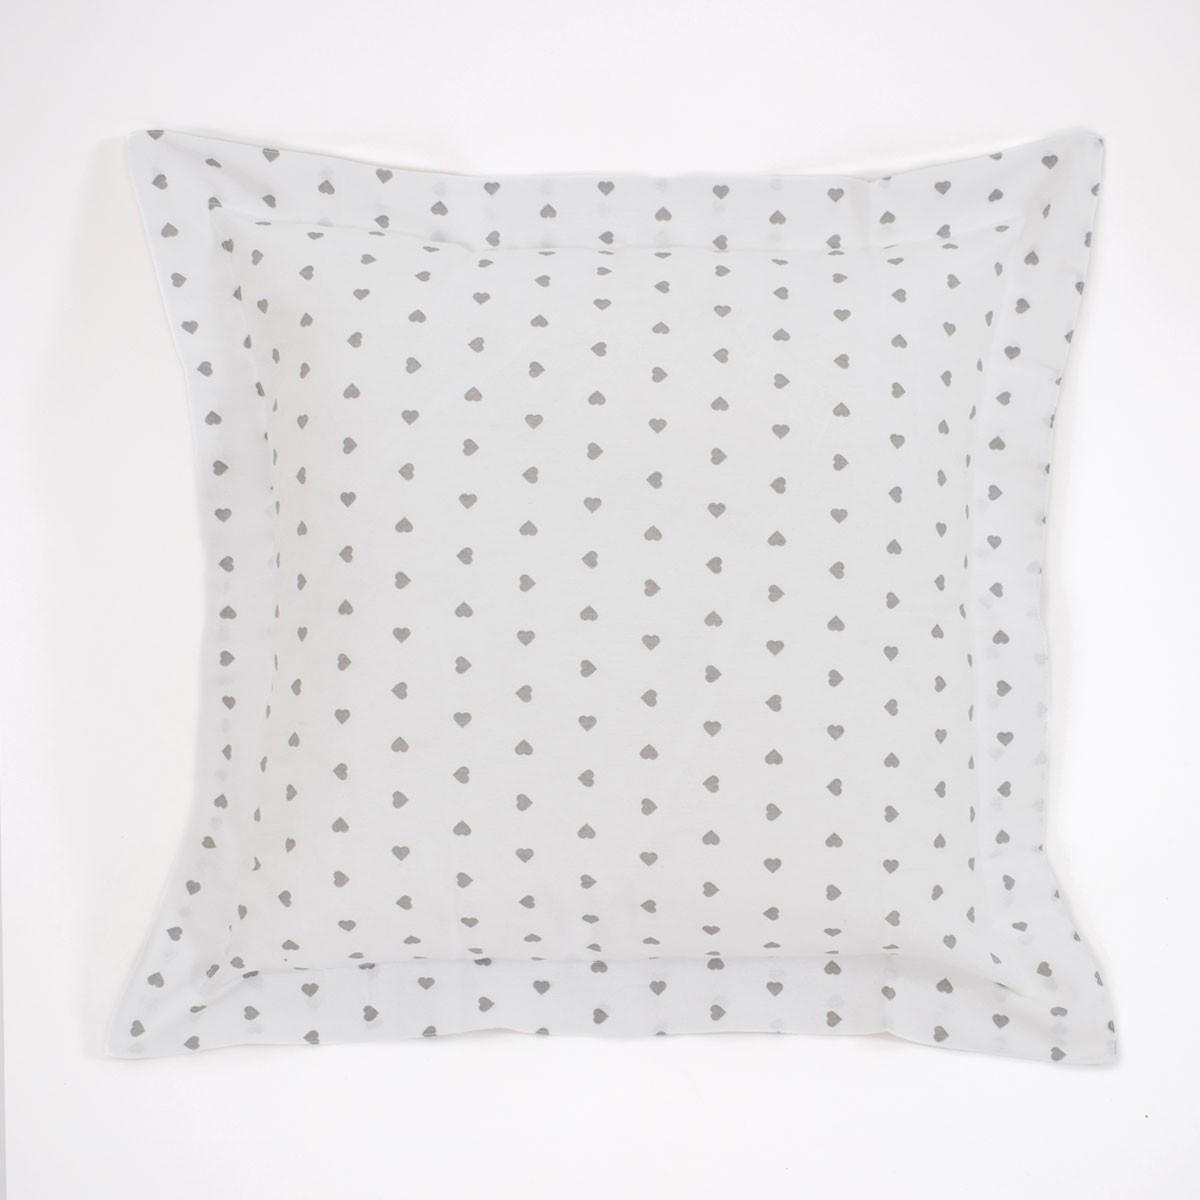 Διακοσμητική Μαξιλαροθήκη (60x60) Corazon White-Grey